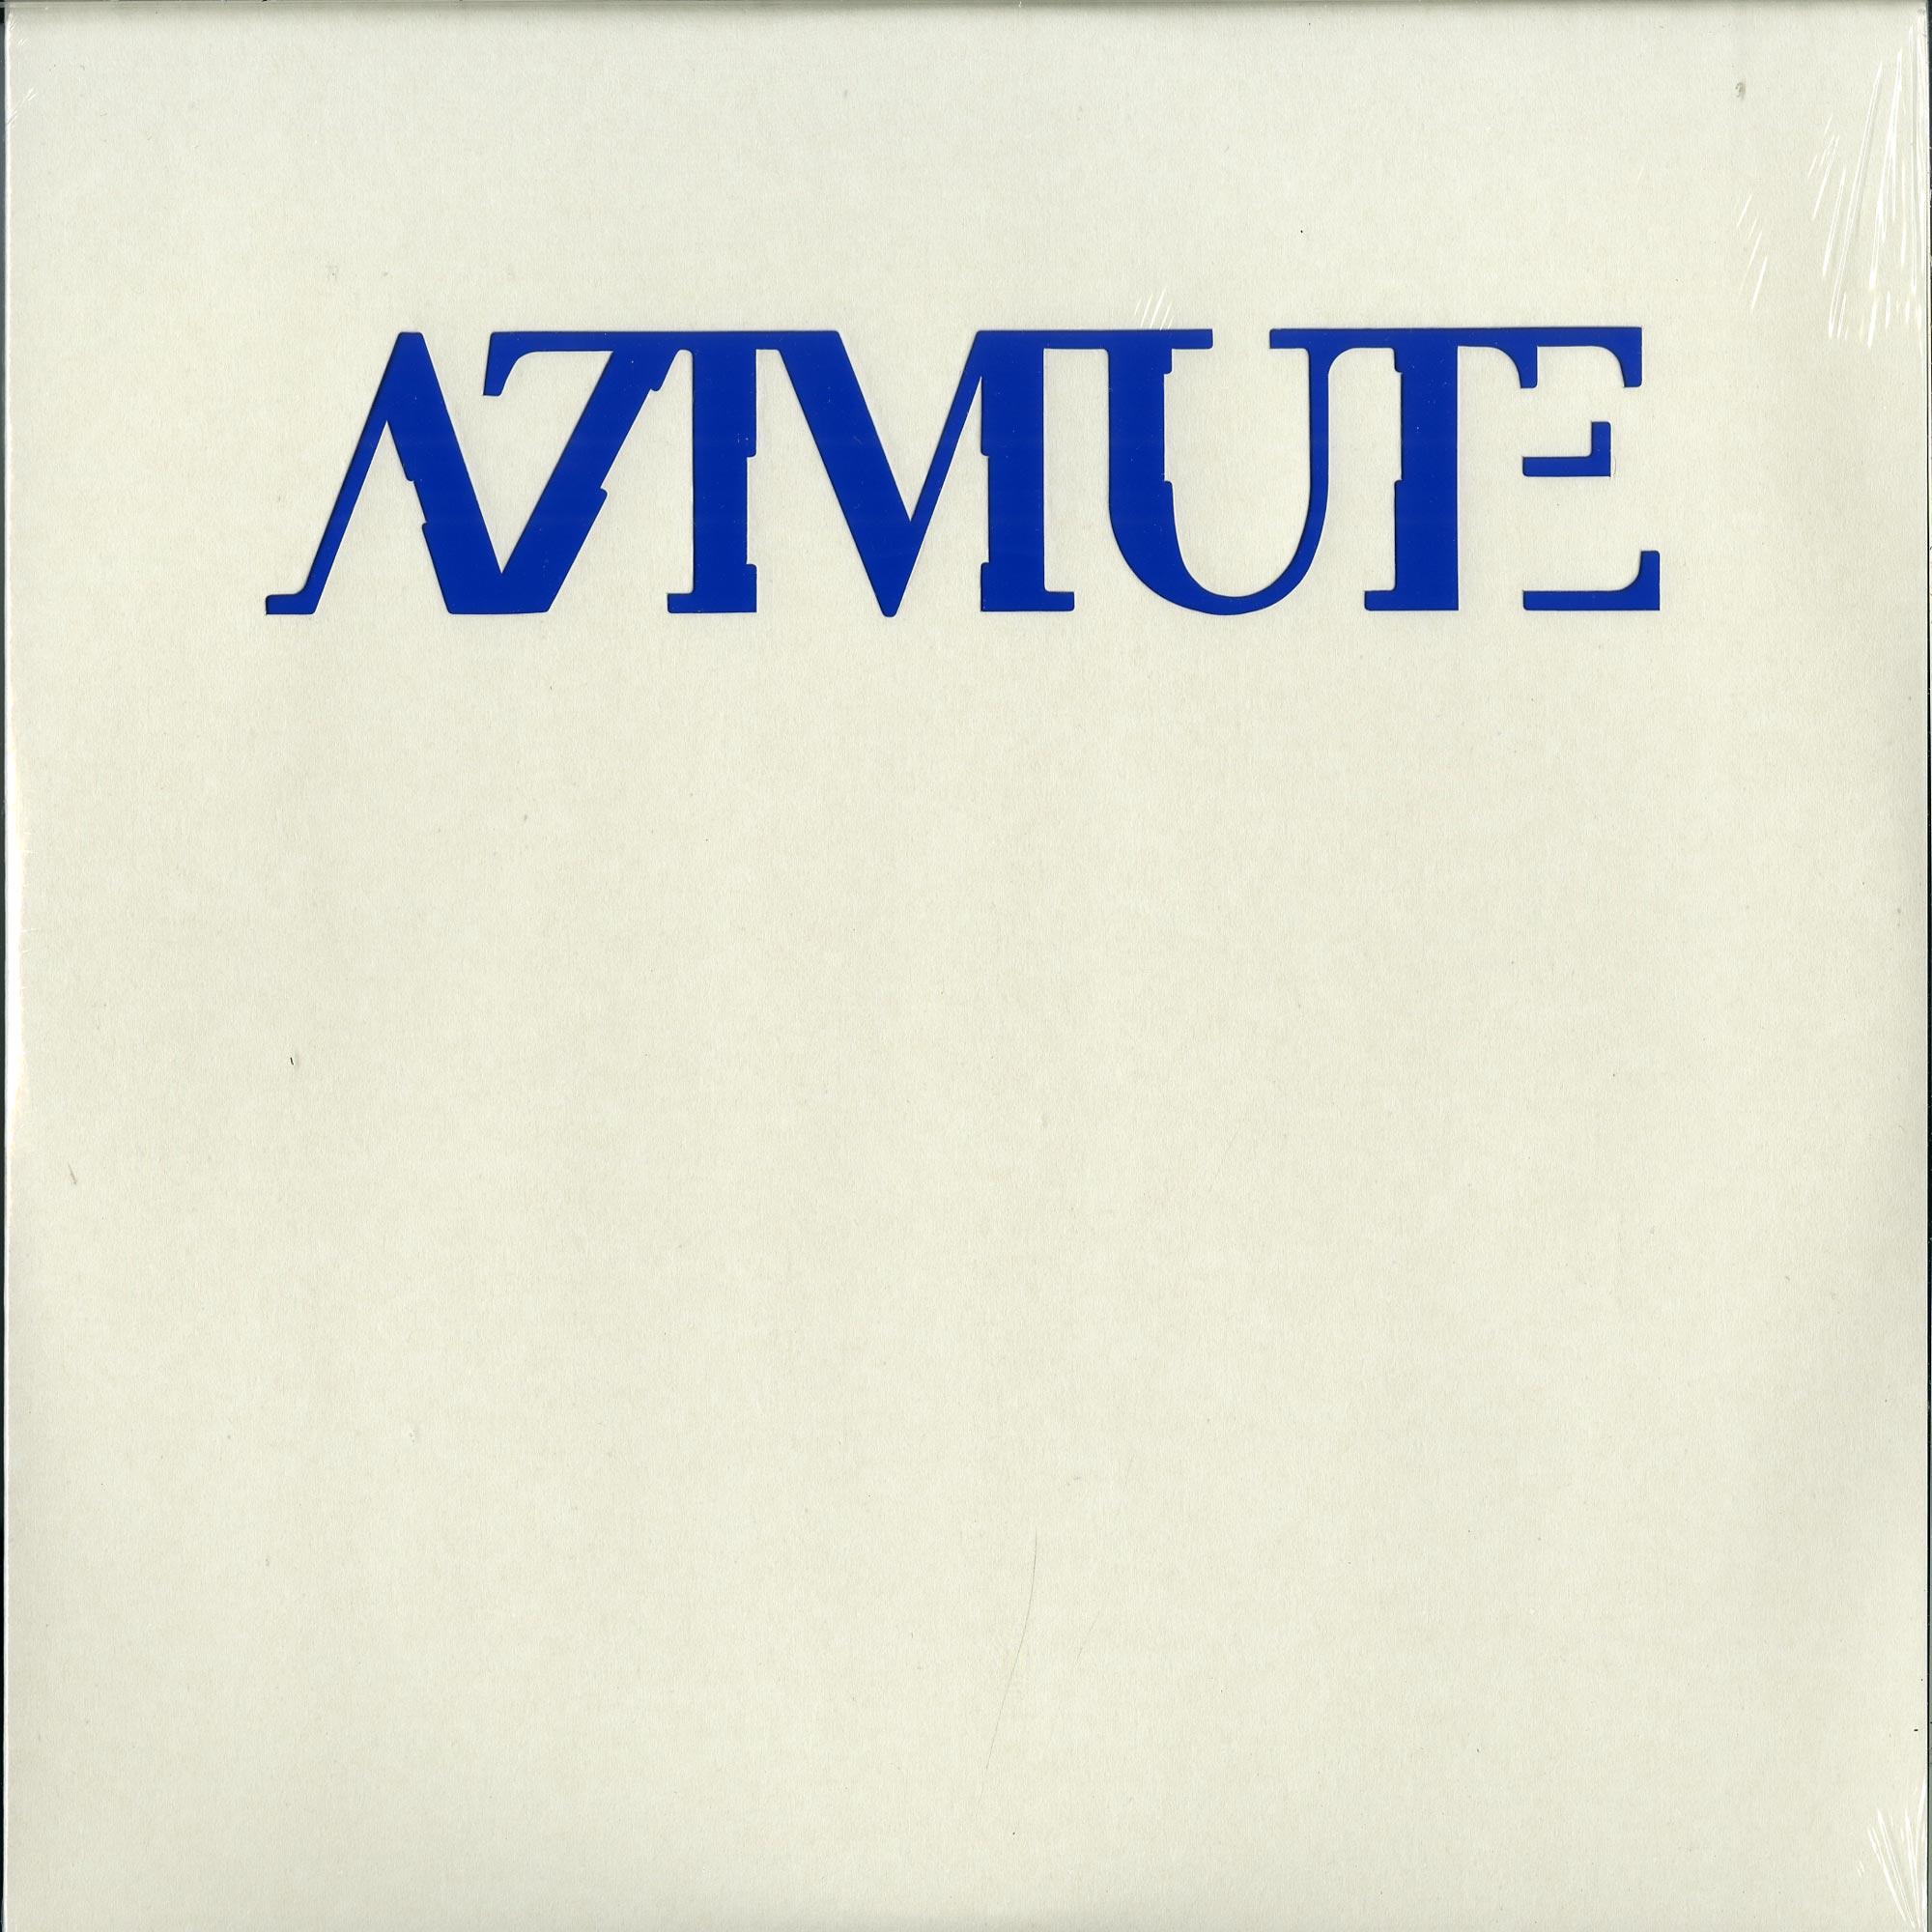 Azimute - AZIMUTE BLUE